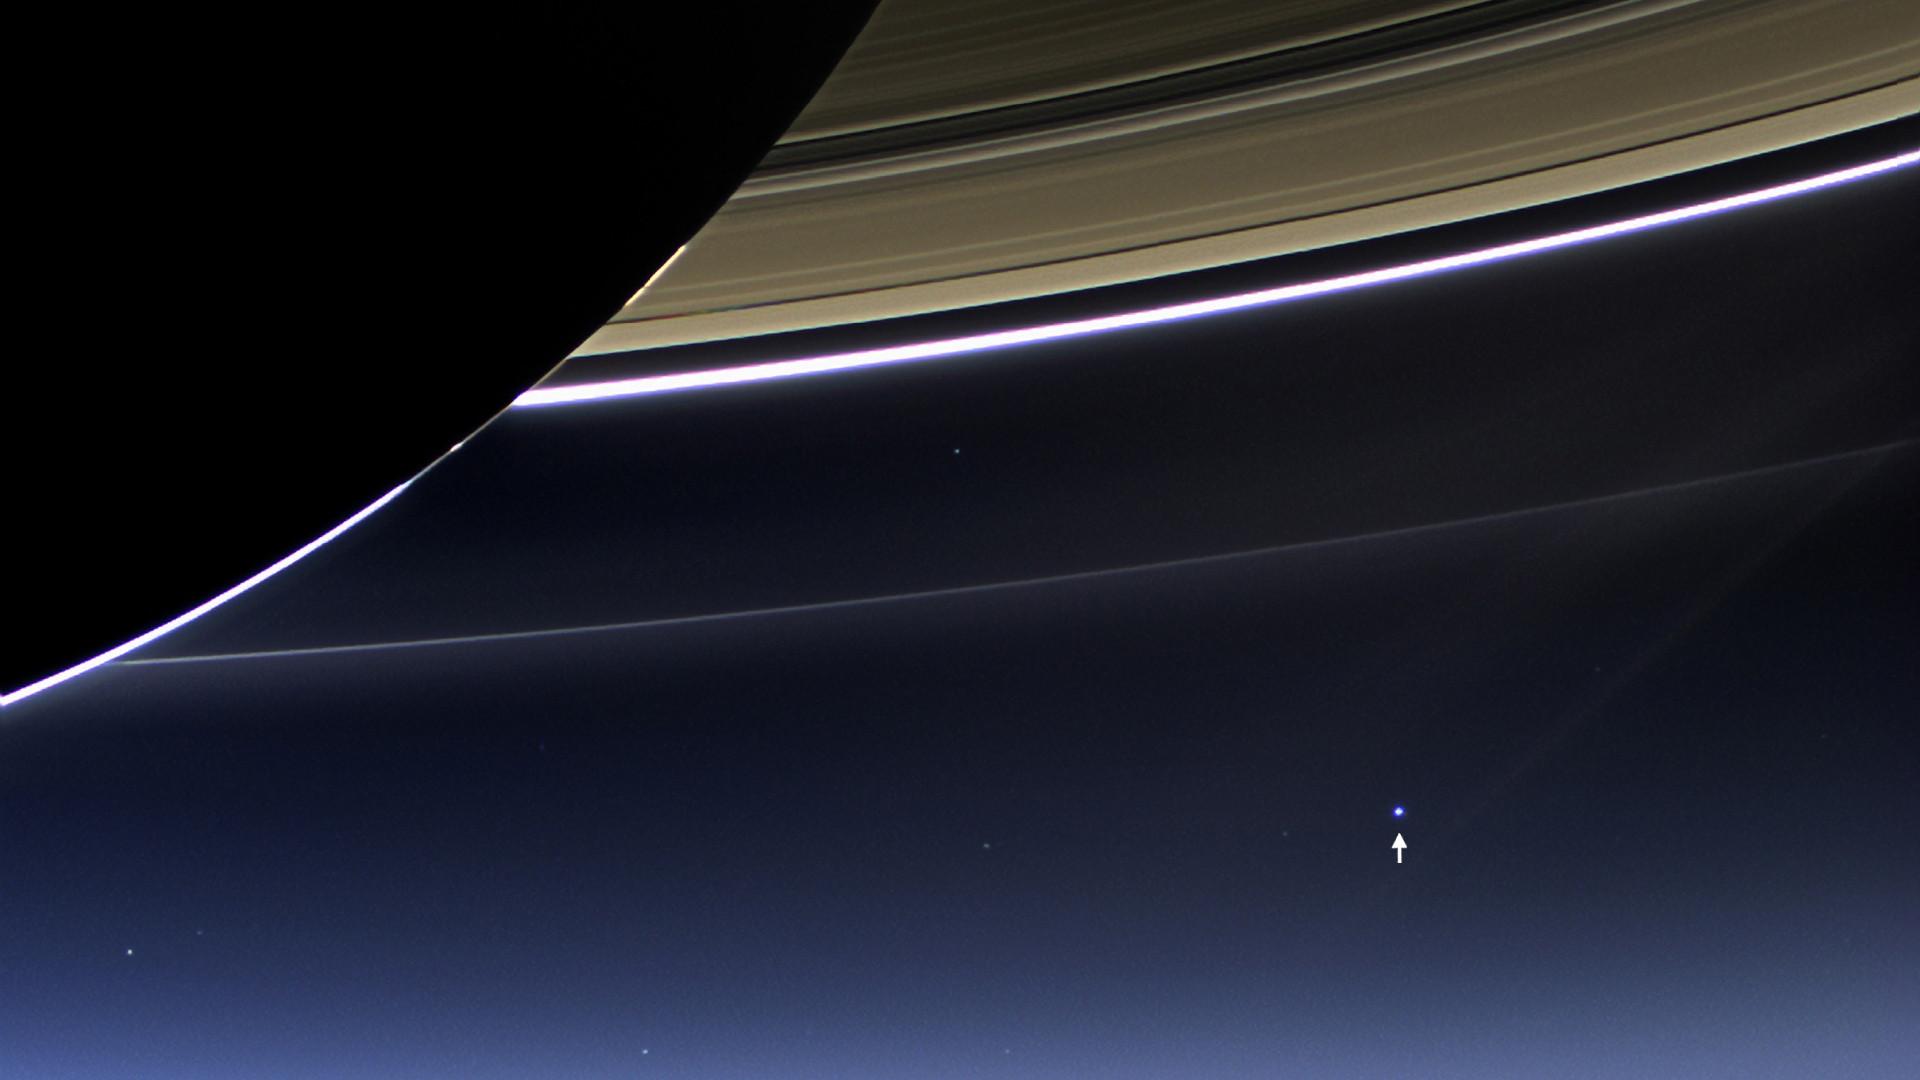 Download Hd Cassini Saturn Wallpaper 1920x1080 50